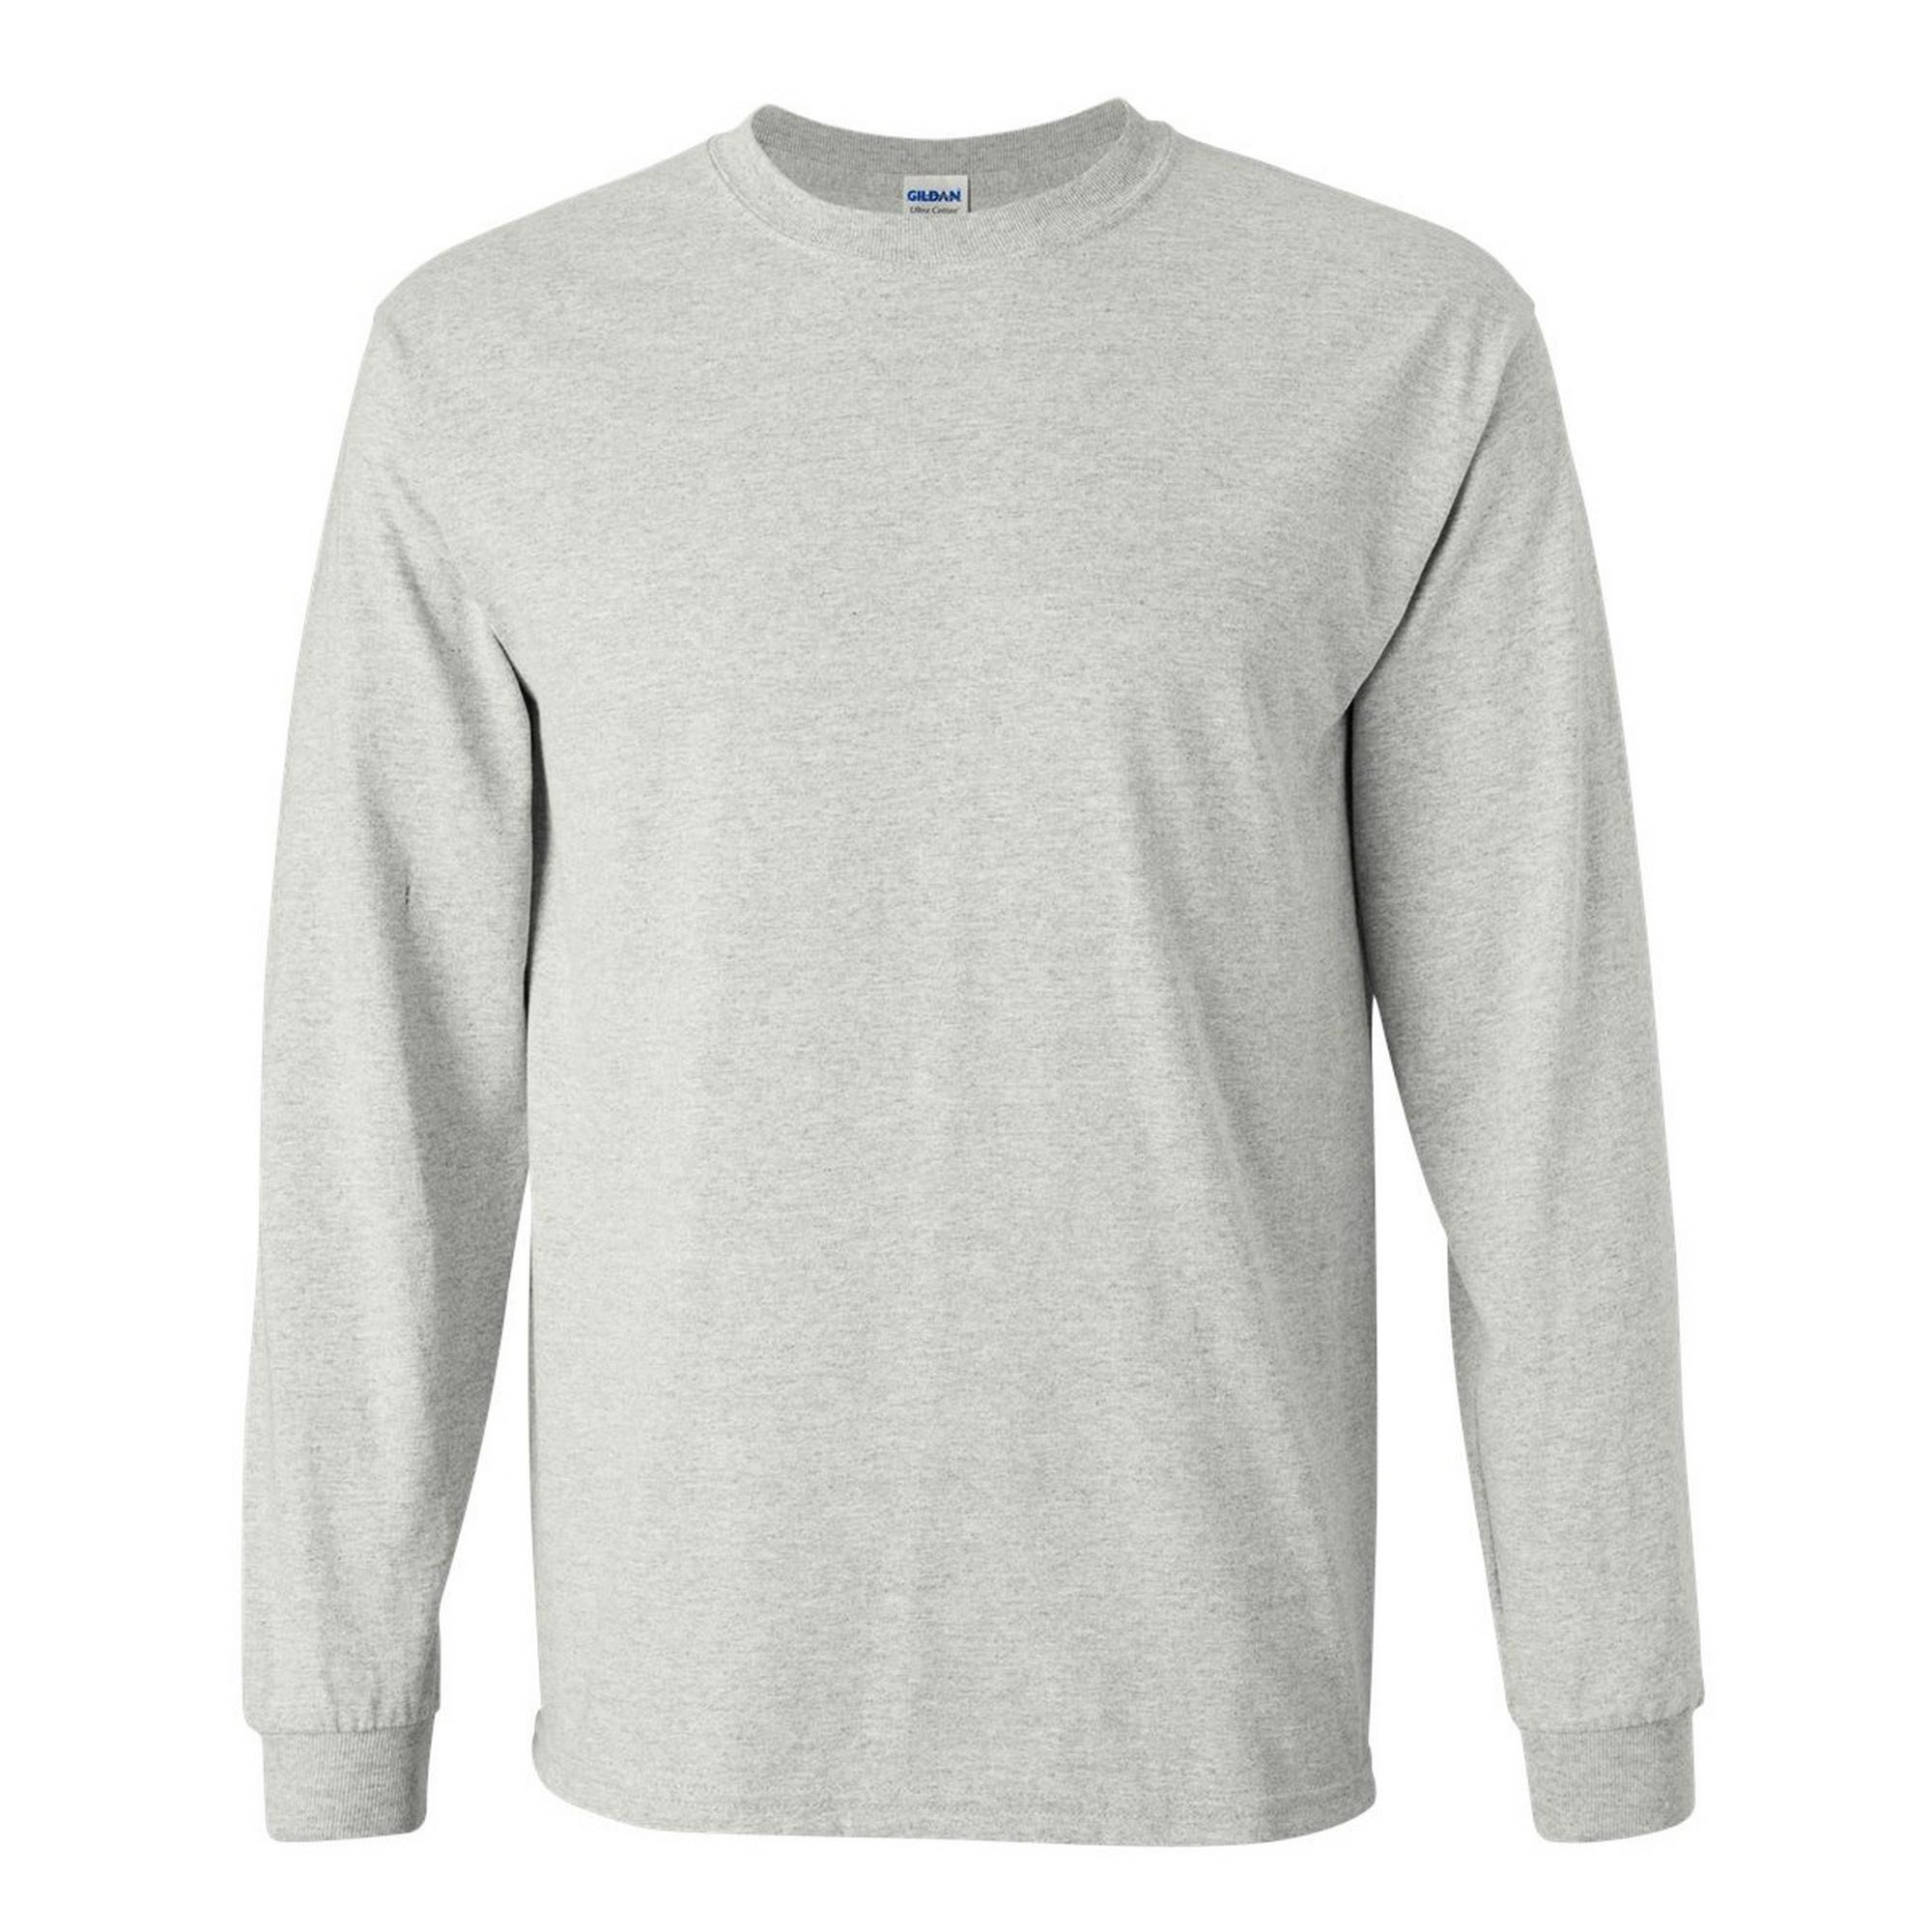 miniature 62 - T-shirt-uni-a-manches-longues-Gildan-100-coton-pour-homme-S-2XL-BC477